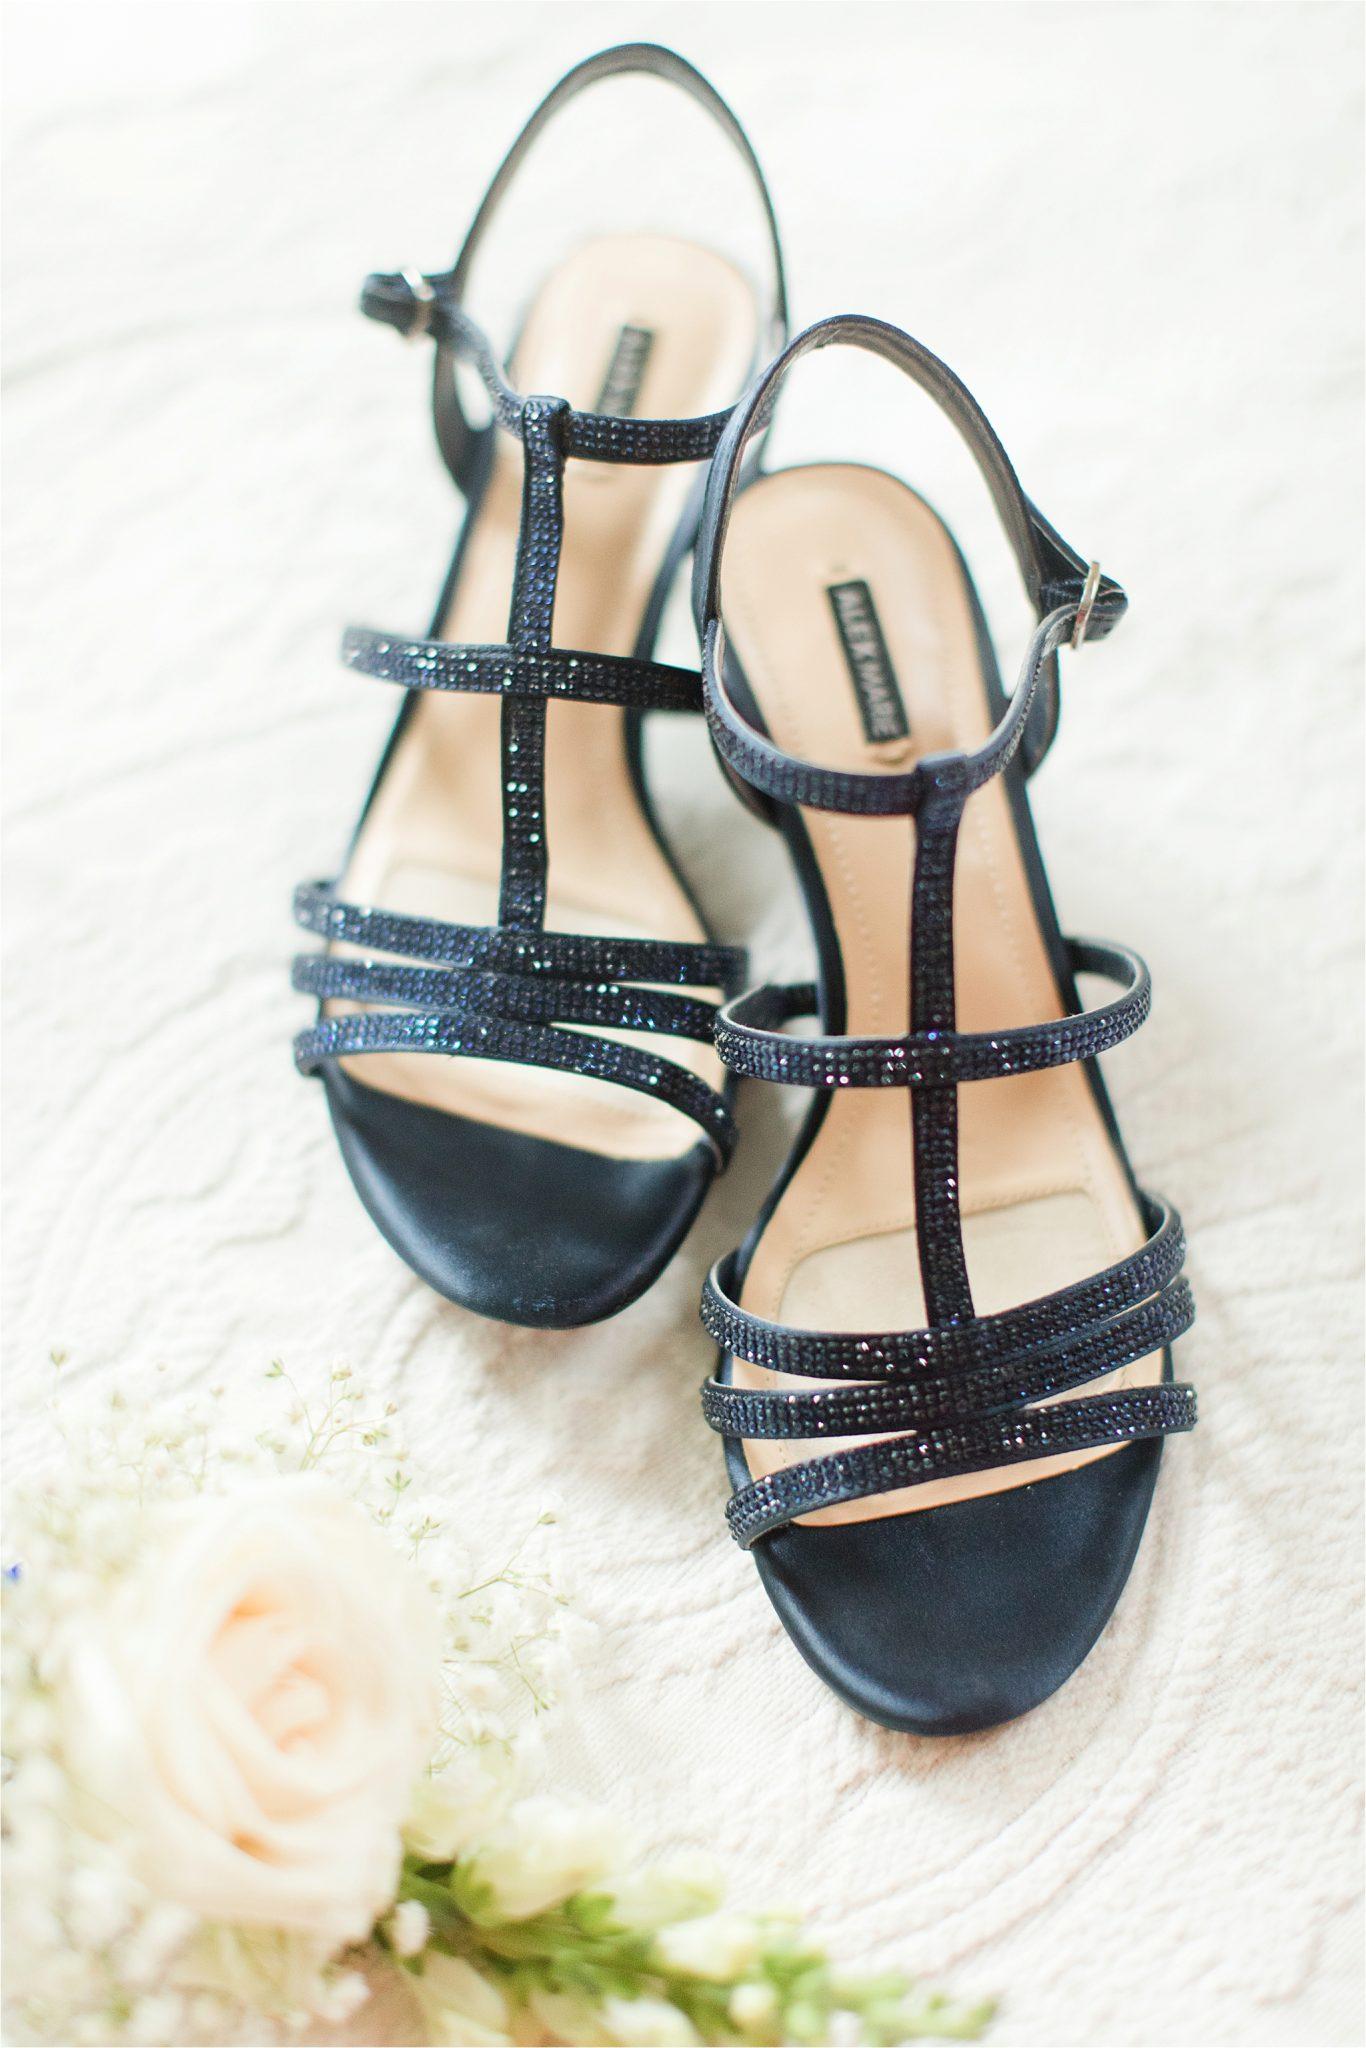 navy wedding shoes-rhinestone wedding shoes-strappy wedding shoes-summer wedding shoes